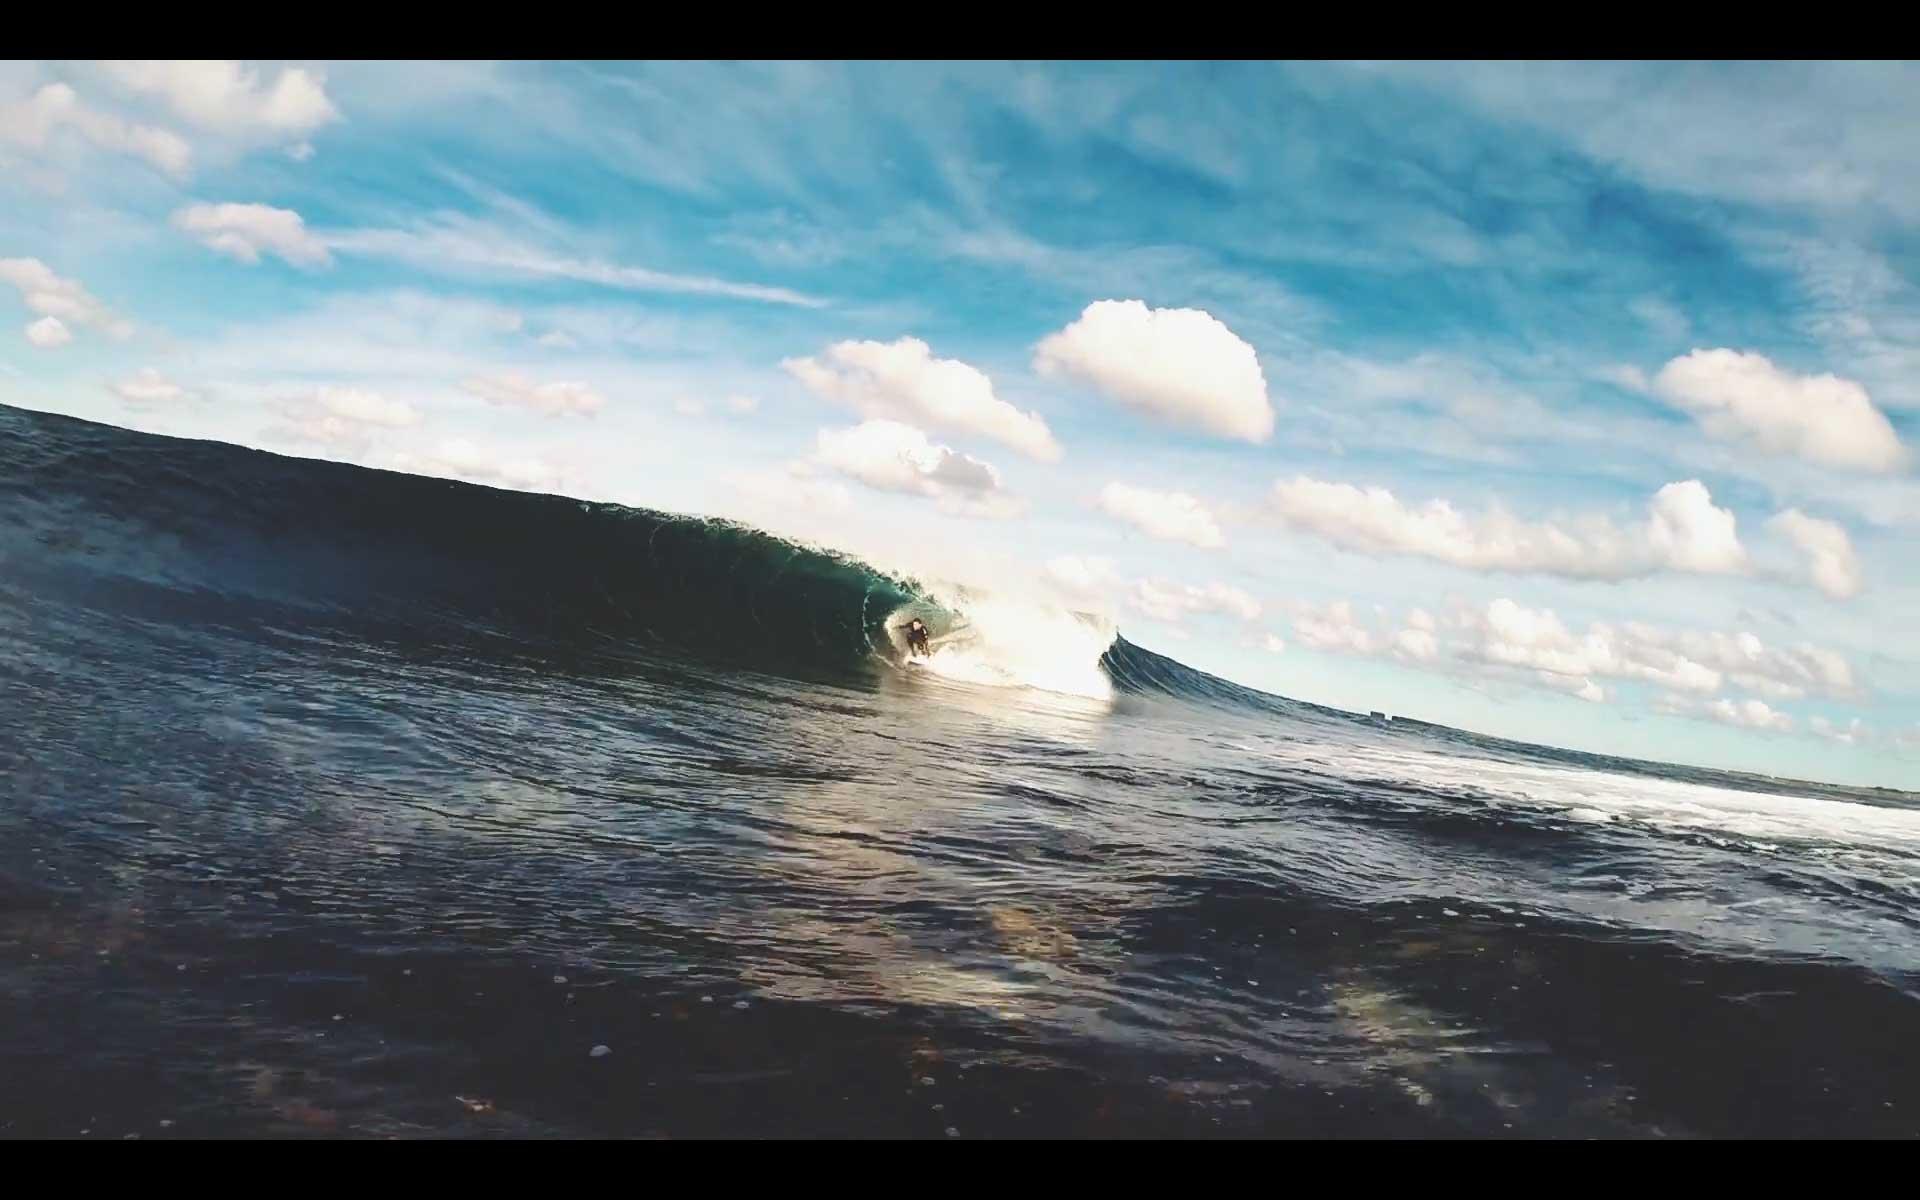 Irland, wenn die Wellen versuchen Indo nachzumachen.